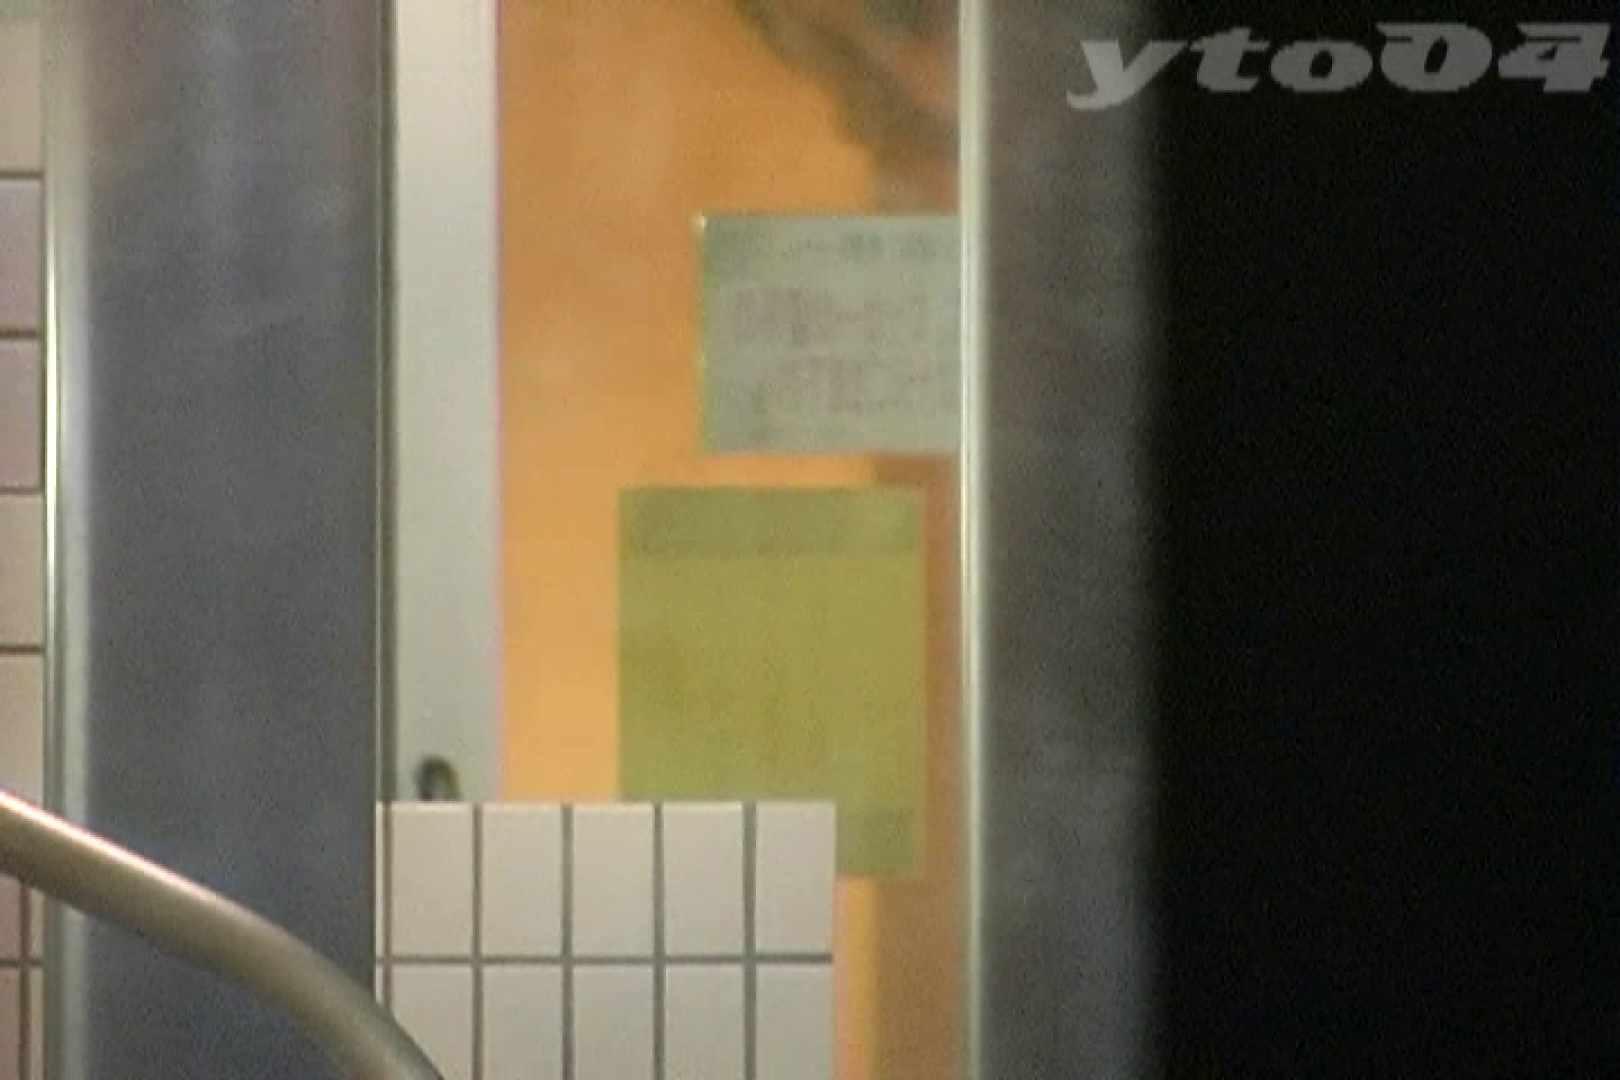 ▲復活限定▲合宿ホテル女風呂盗撮 Vol.24 名作 隠し撮りセックス画像 75連発 53